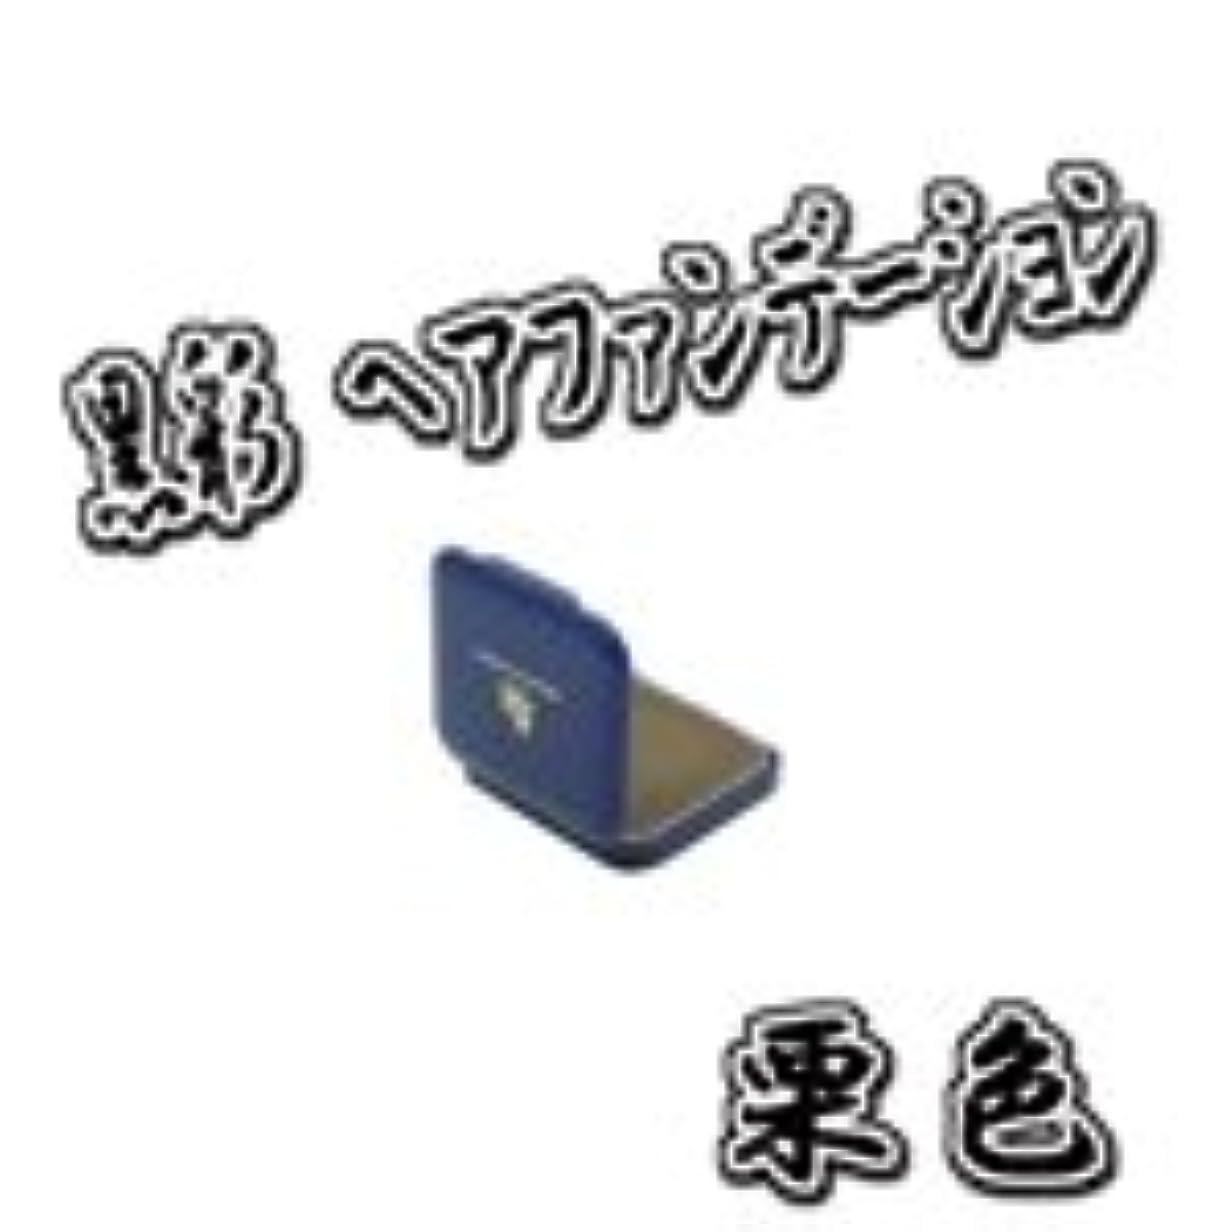 特権微妙縁石AMOROS アモロス 黒彩 ヘアファンデーション 【栗】 13g ミニケース パフ付